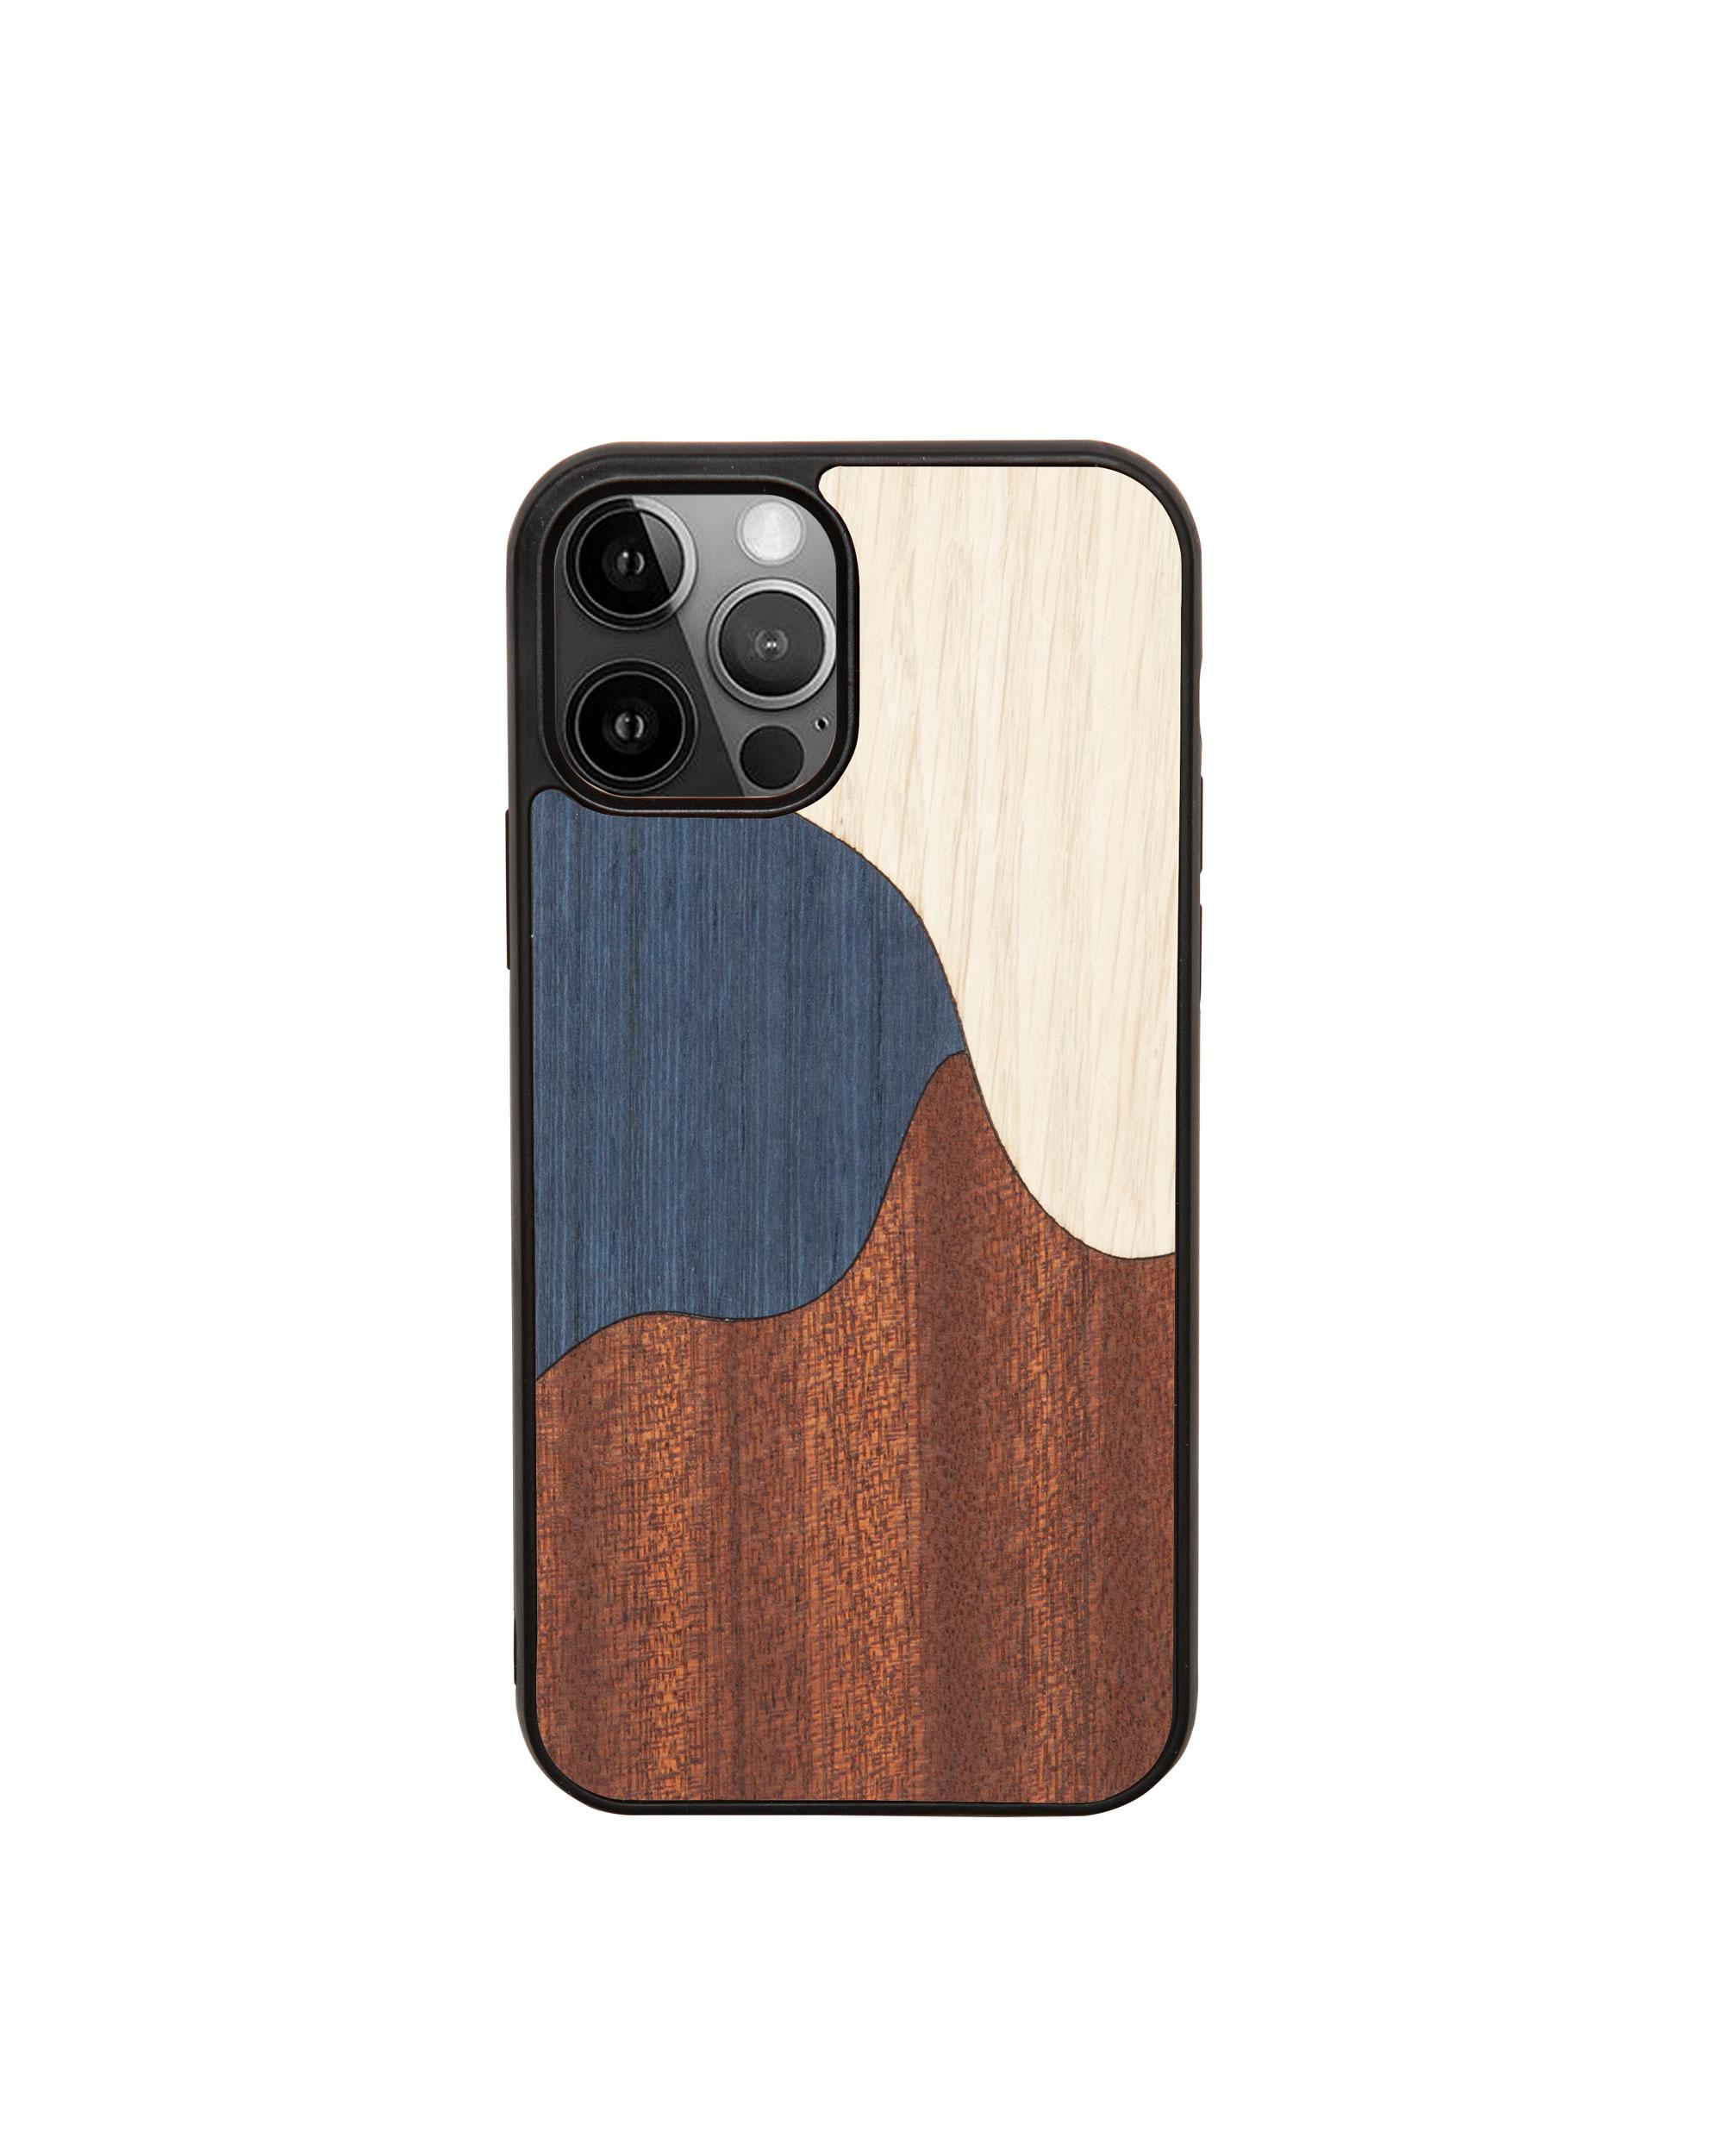 INLAY BLUE - Coque en bois pour iPhone XR